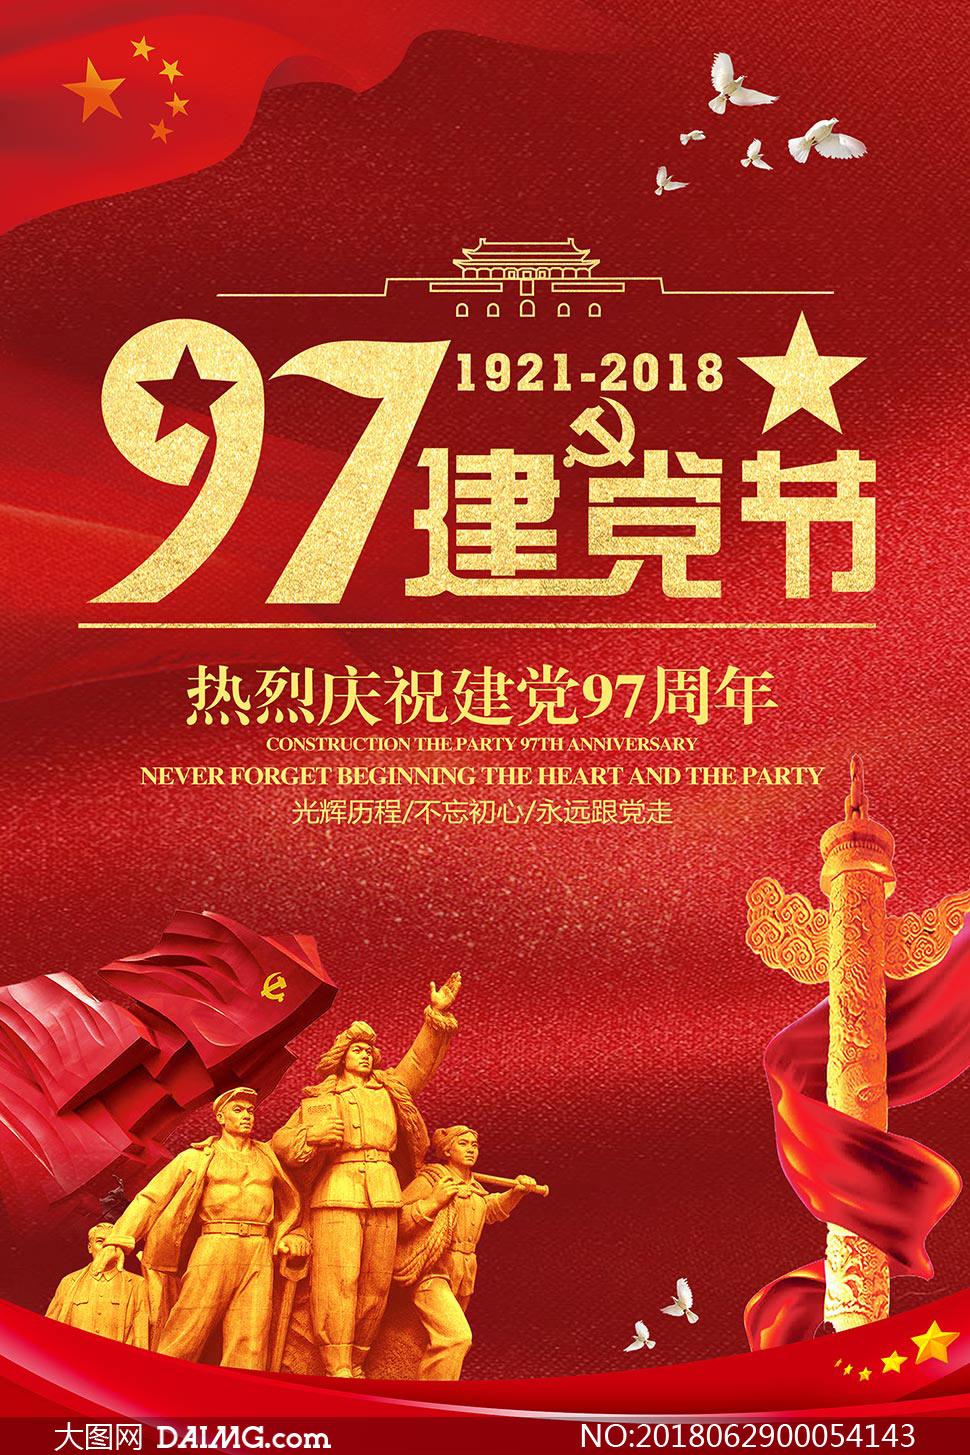 建党节97周年宣传海报PSD源文件